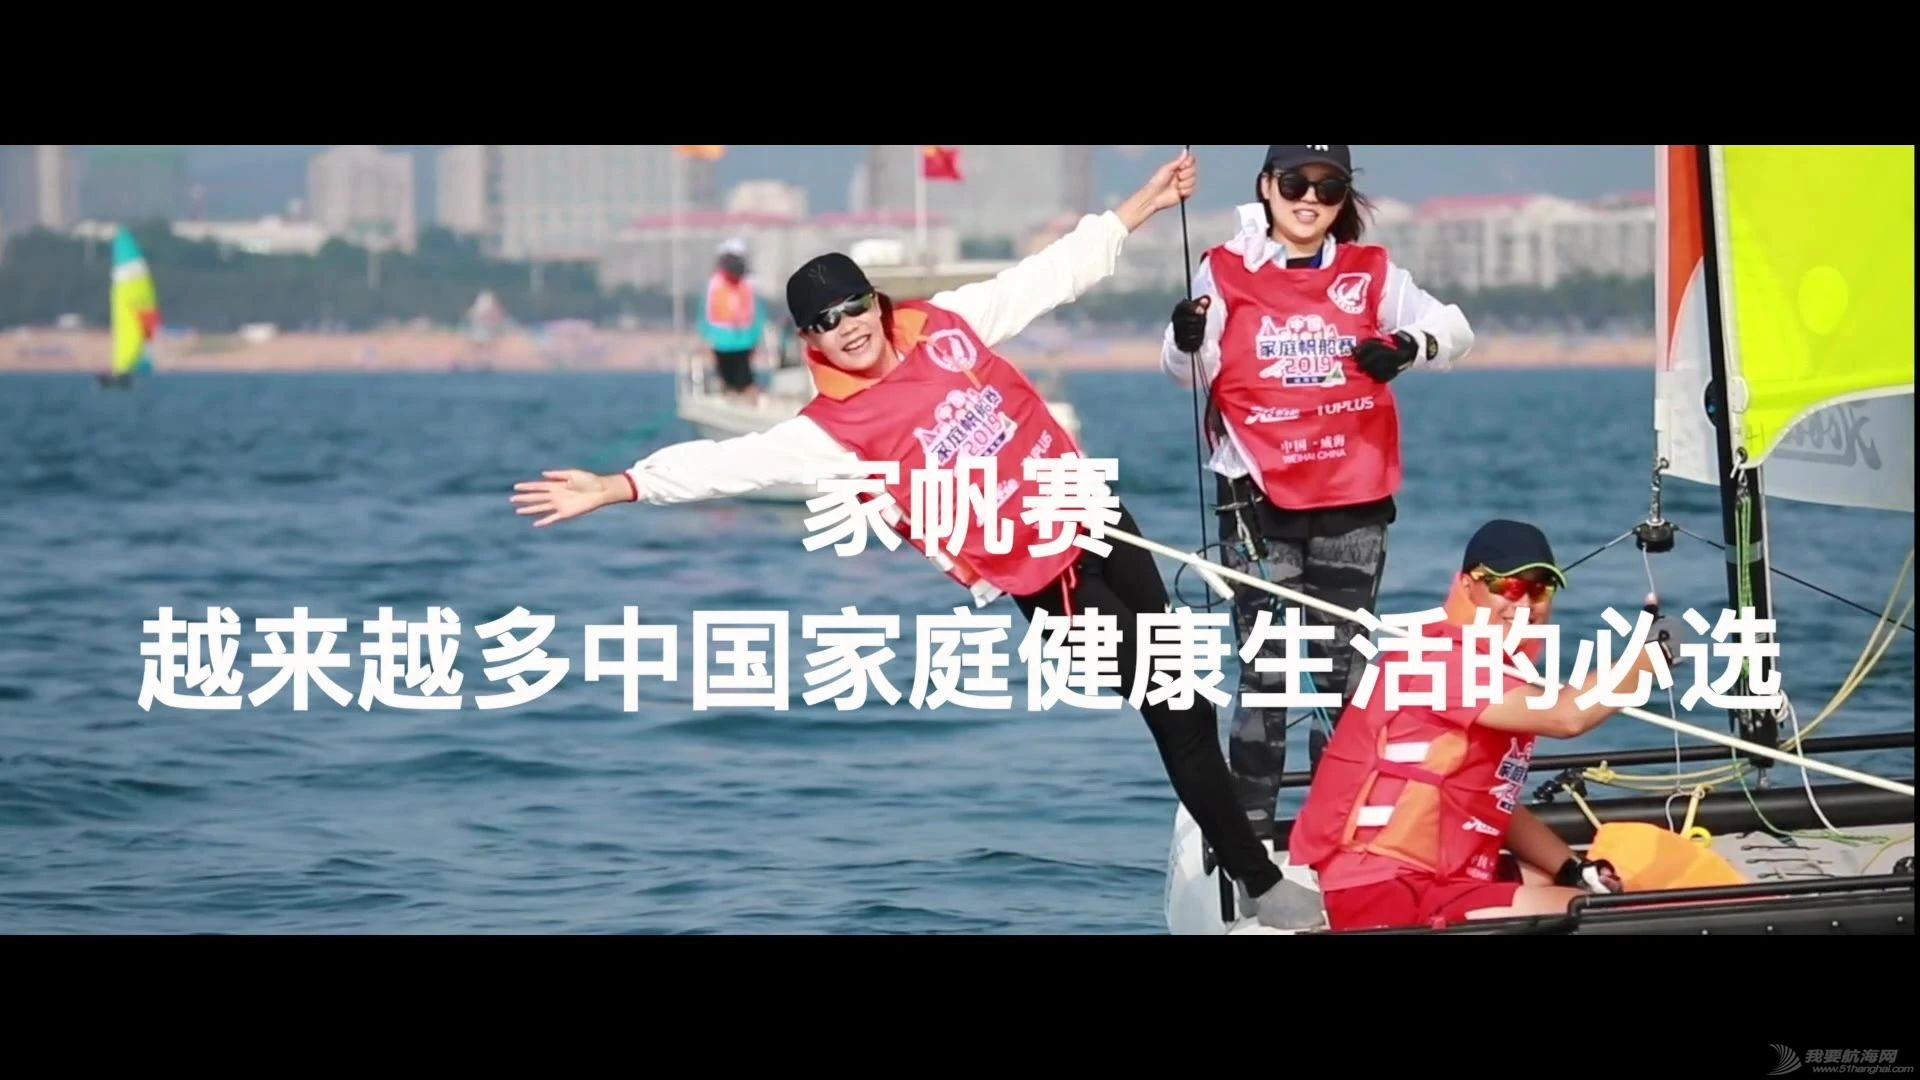 2020中国家庭帆船赛宣传短视频发布w1.jpg